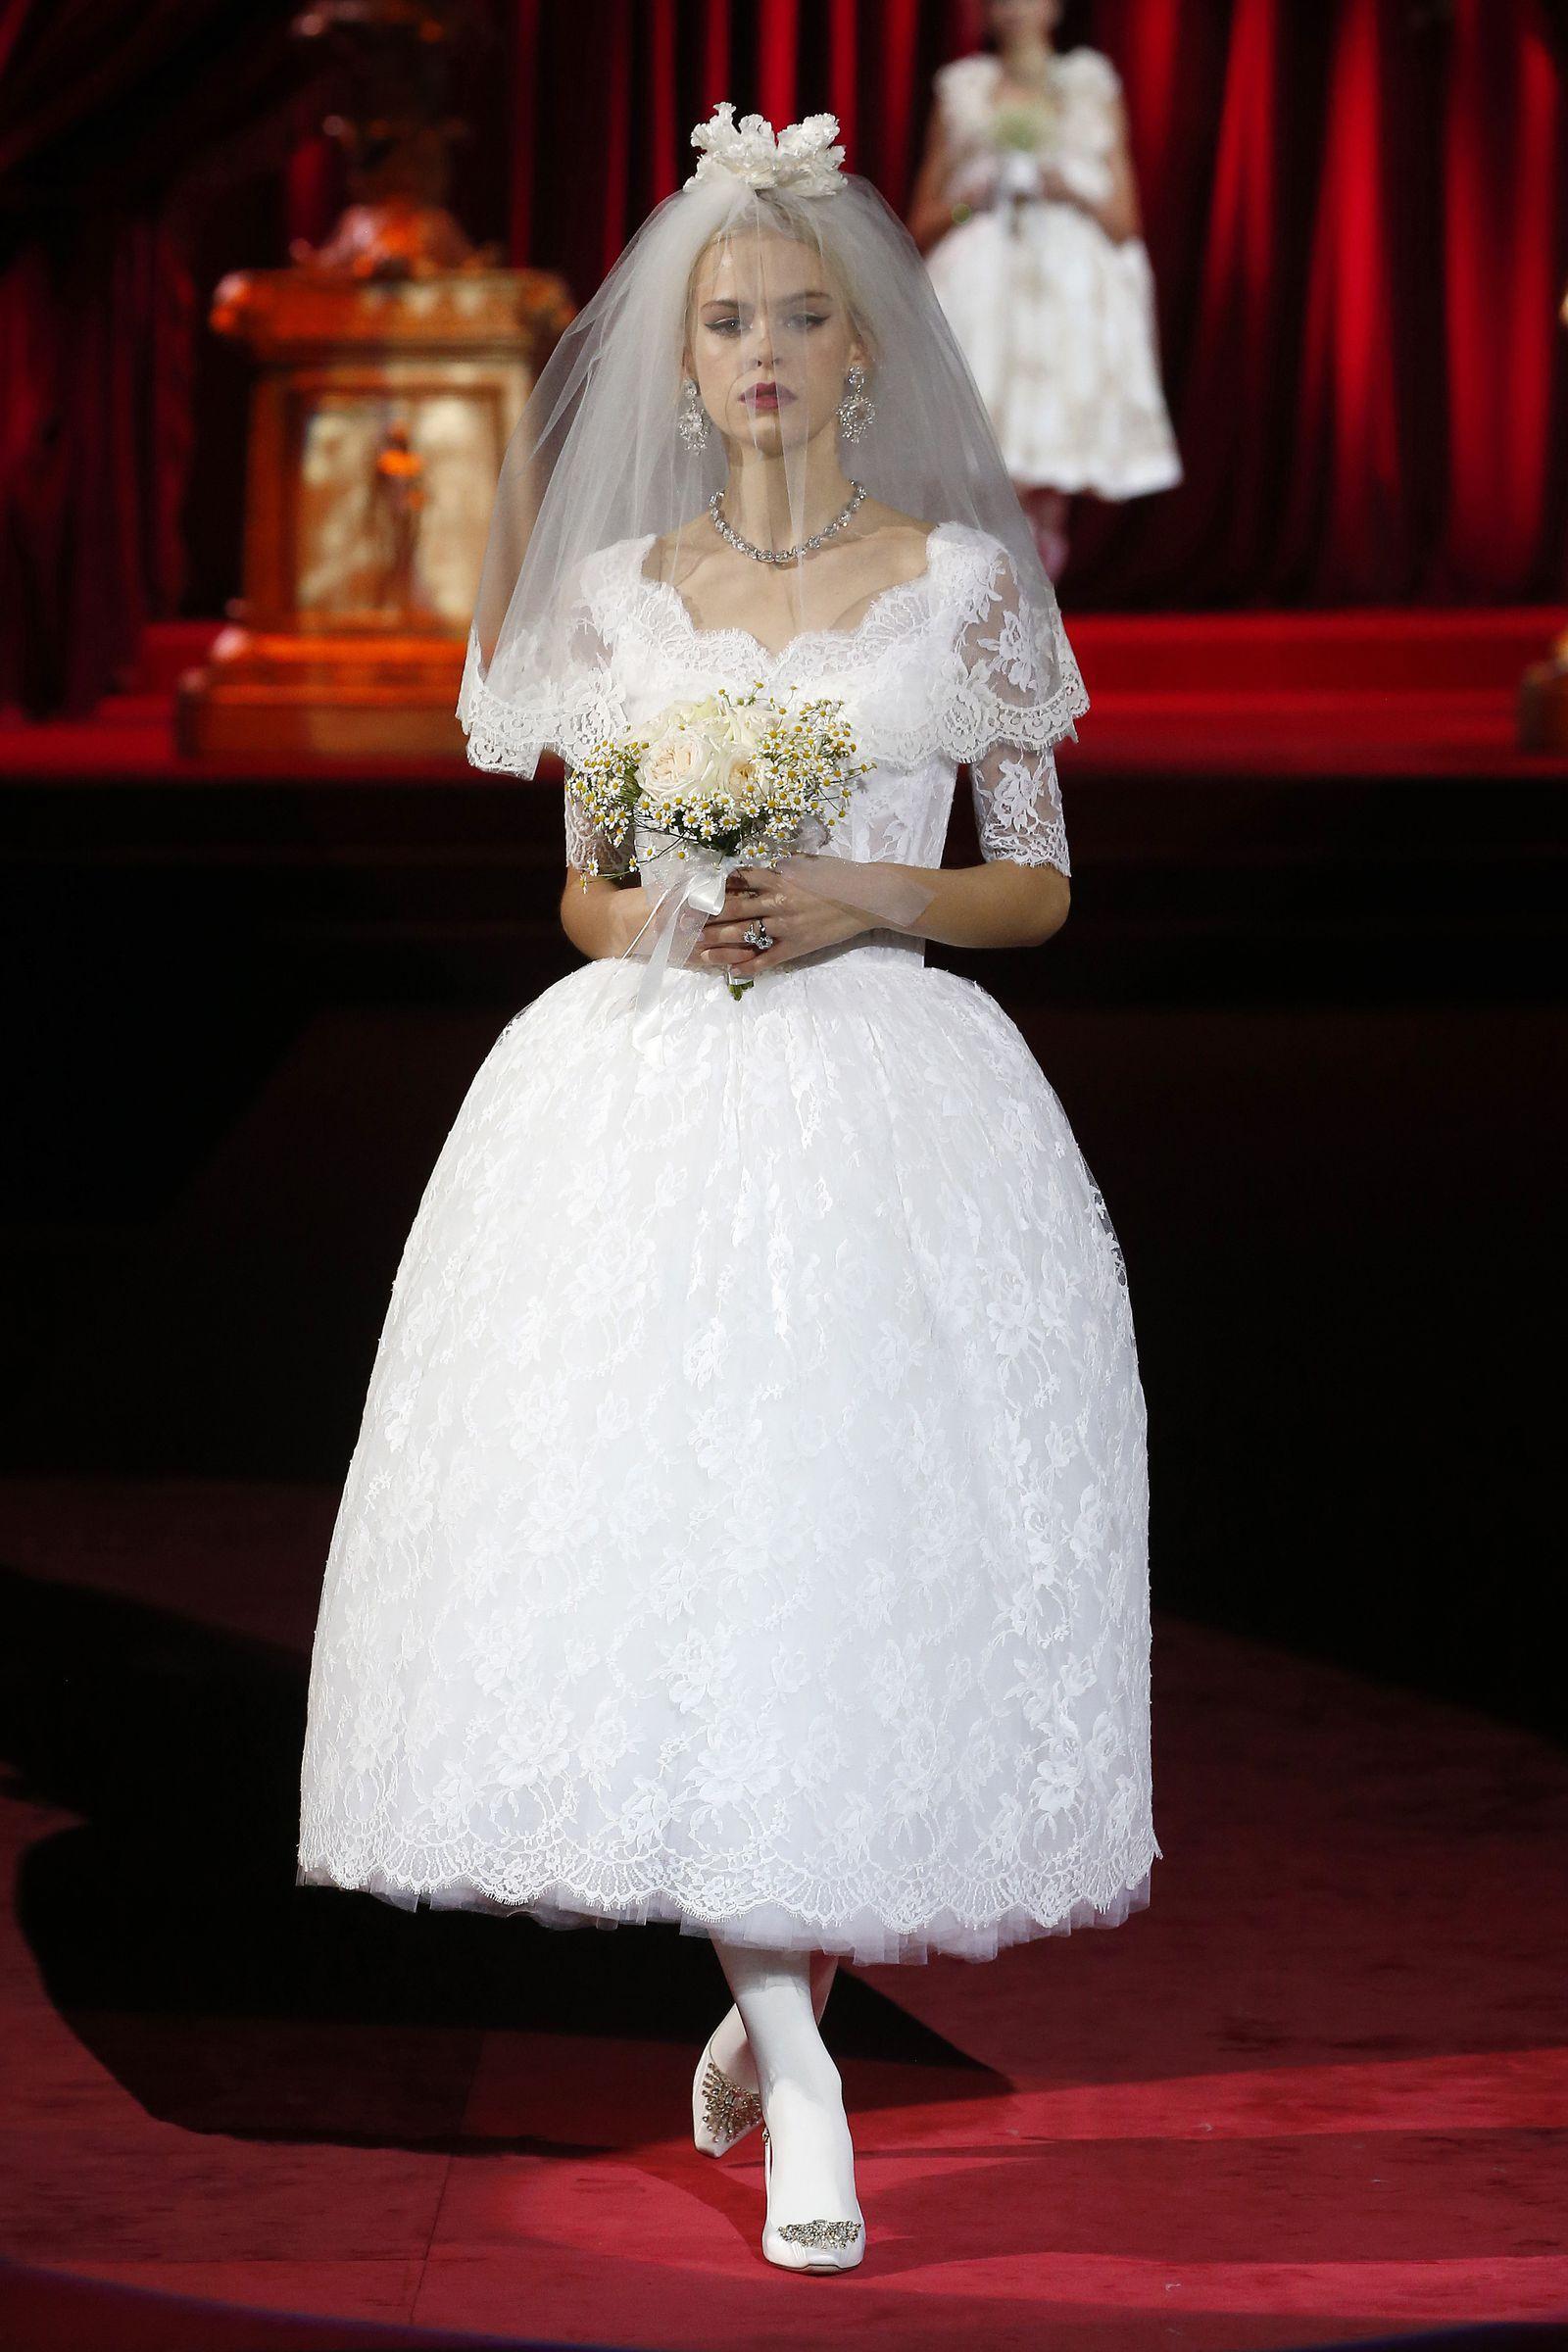 Gli Abiti Da Sposa Di Dolce Gabbana Alle Sfilate Di Milano Sono L Omaggio Ad Audrey Hepburn Abiti Da Sposa Abito Da Sposa Collo Alto Abiti Da Sposa Eleganti